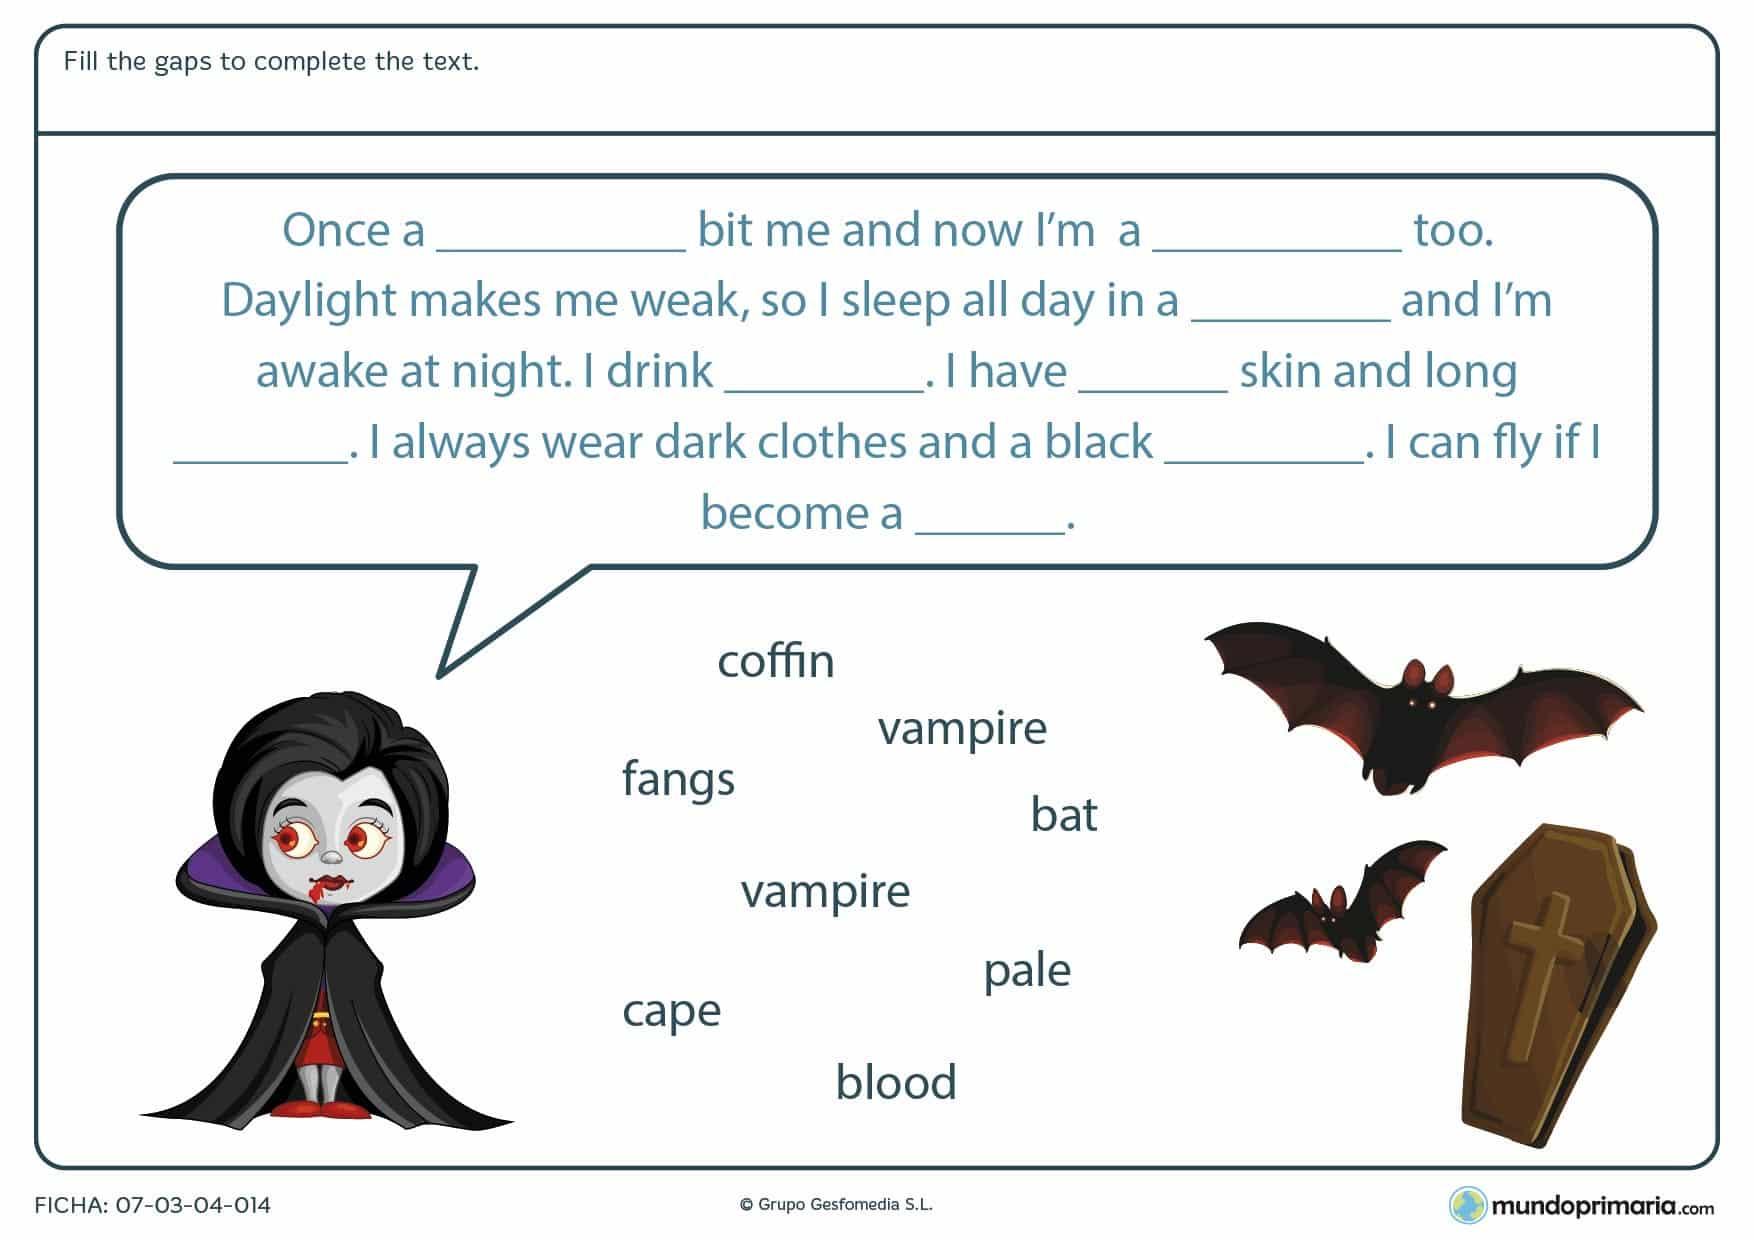 Ficha de completar el texto con palabras de Halloween en la que tendrás que rellenar los huecos que faltan en el texto con las palabras dadas debajo.